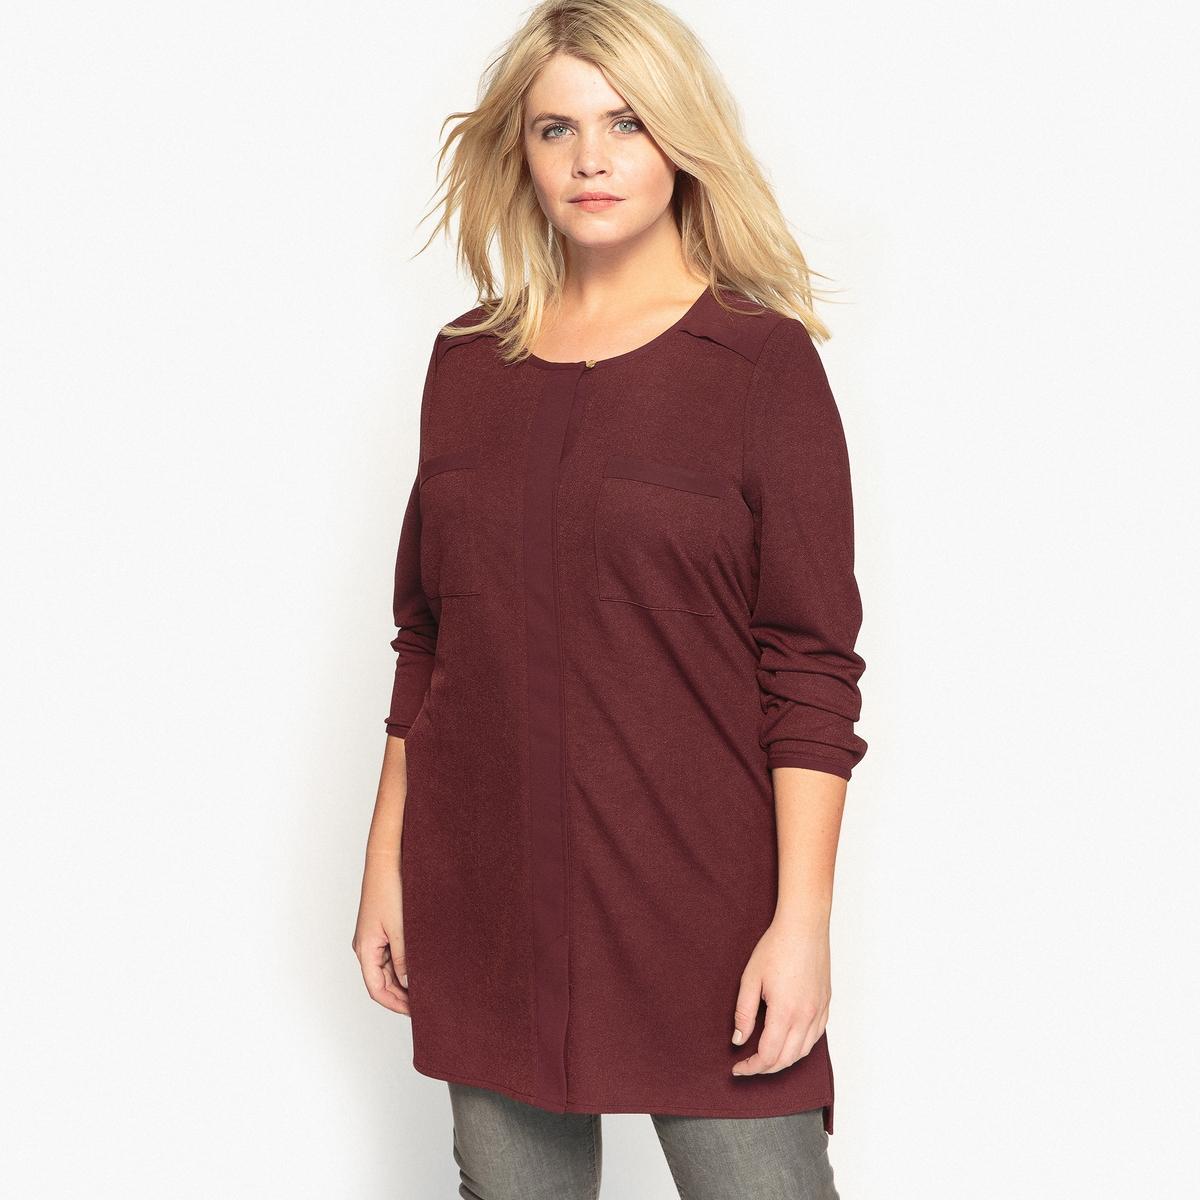 Футболка длинная с эффектом блузки и длинными рукавамиОписание:Элегантная длинная футболка с эффектом блузки и сатиновыми вставками. Изящная длинная футболка отлично смотрится с зауженными брюками или джинсами-слим.Детали •  Длинные рукава •  Круглый вырезСостав и уход •  5% эластана, 95% полиэстера  •  Температура стирки 30° на деликатном режиме   •  Сухая чистка и отбеливание запрещены •  Не использовать барабанную сушку •  Низкая температура глажкиТовар из коллекции больших размеров<br><br>Цвет: гранатовый<br>Размер: 46 (FR) - 52 (RUS).44 (FR) - 50 (RUS).52 (FR) - 58 (RUS).42 (FR) - 48 (RUS).54 (FR) - 60 (RUS).58 (FR) - 64 (RUS)